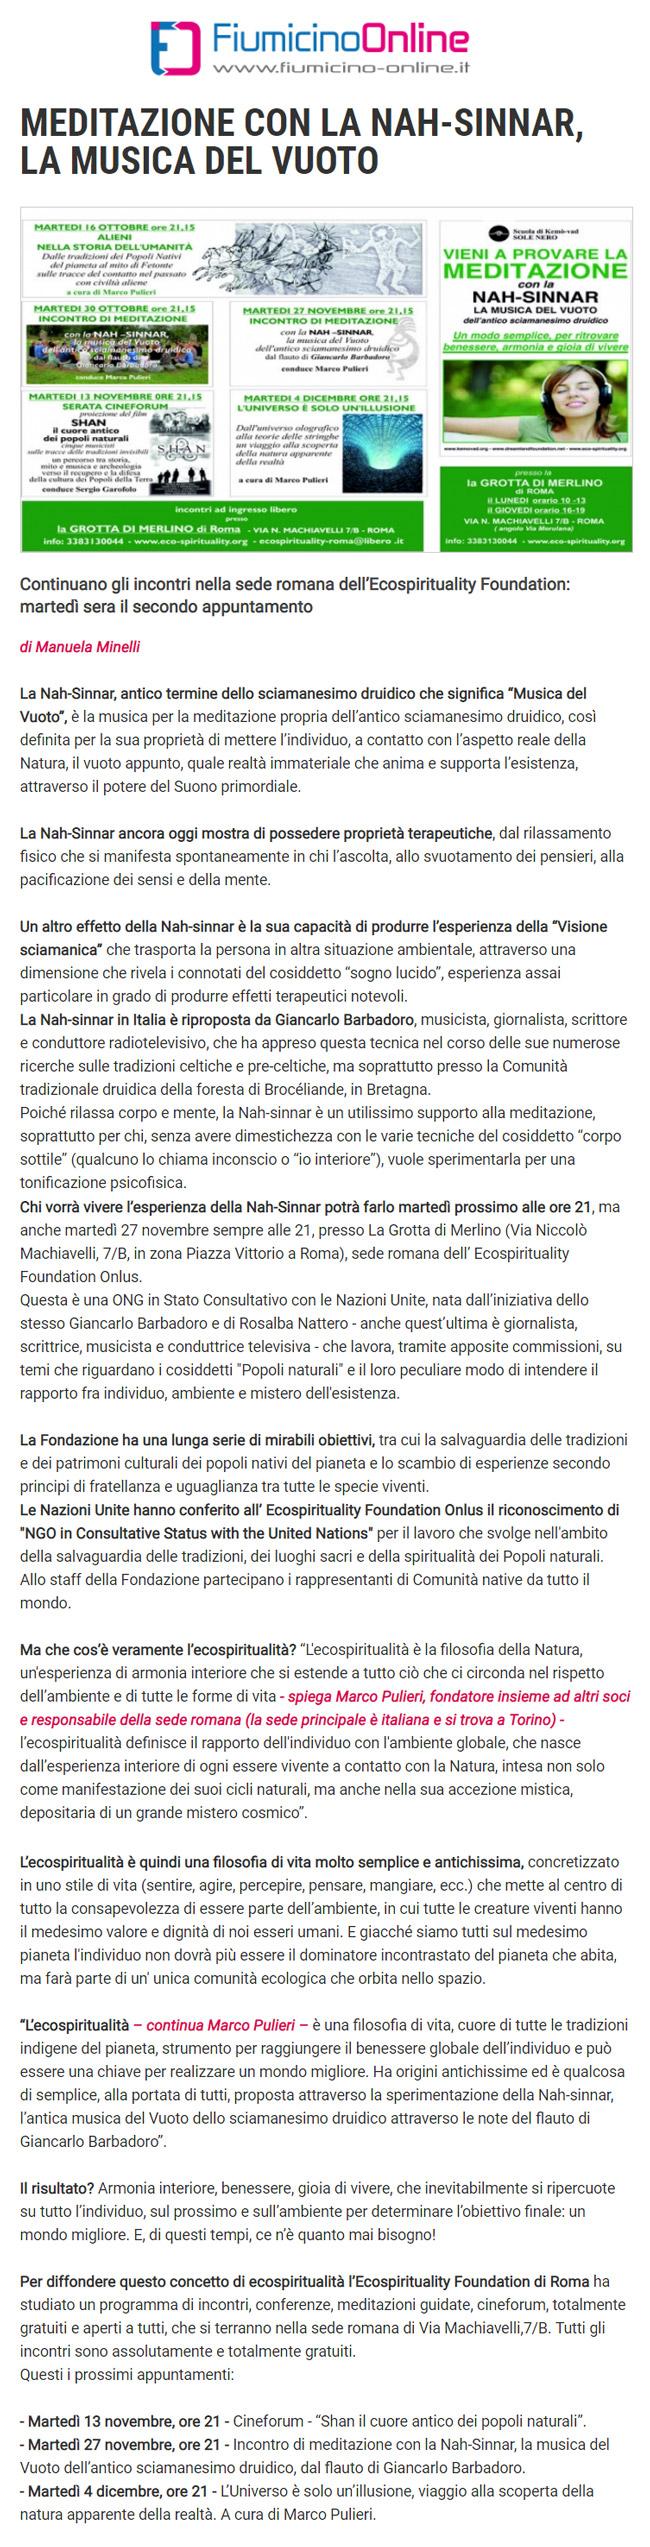 fiumicino-online-MEDITAZIONE CON LA NAH-SINNAR, LA MUSICA DEL VUOTO